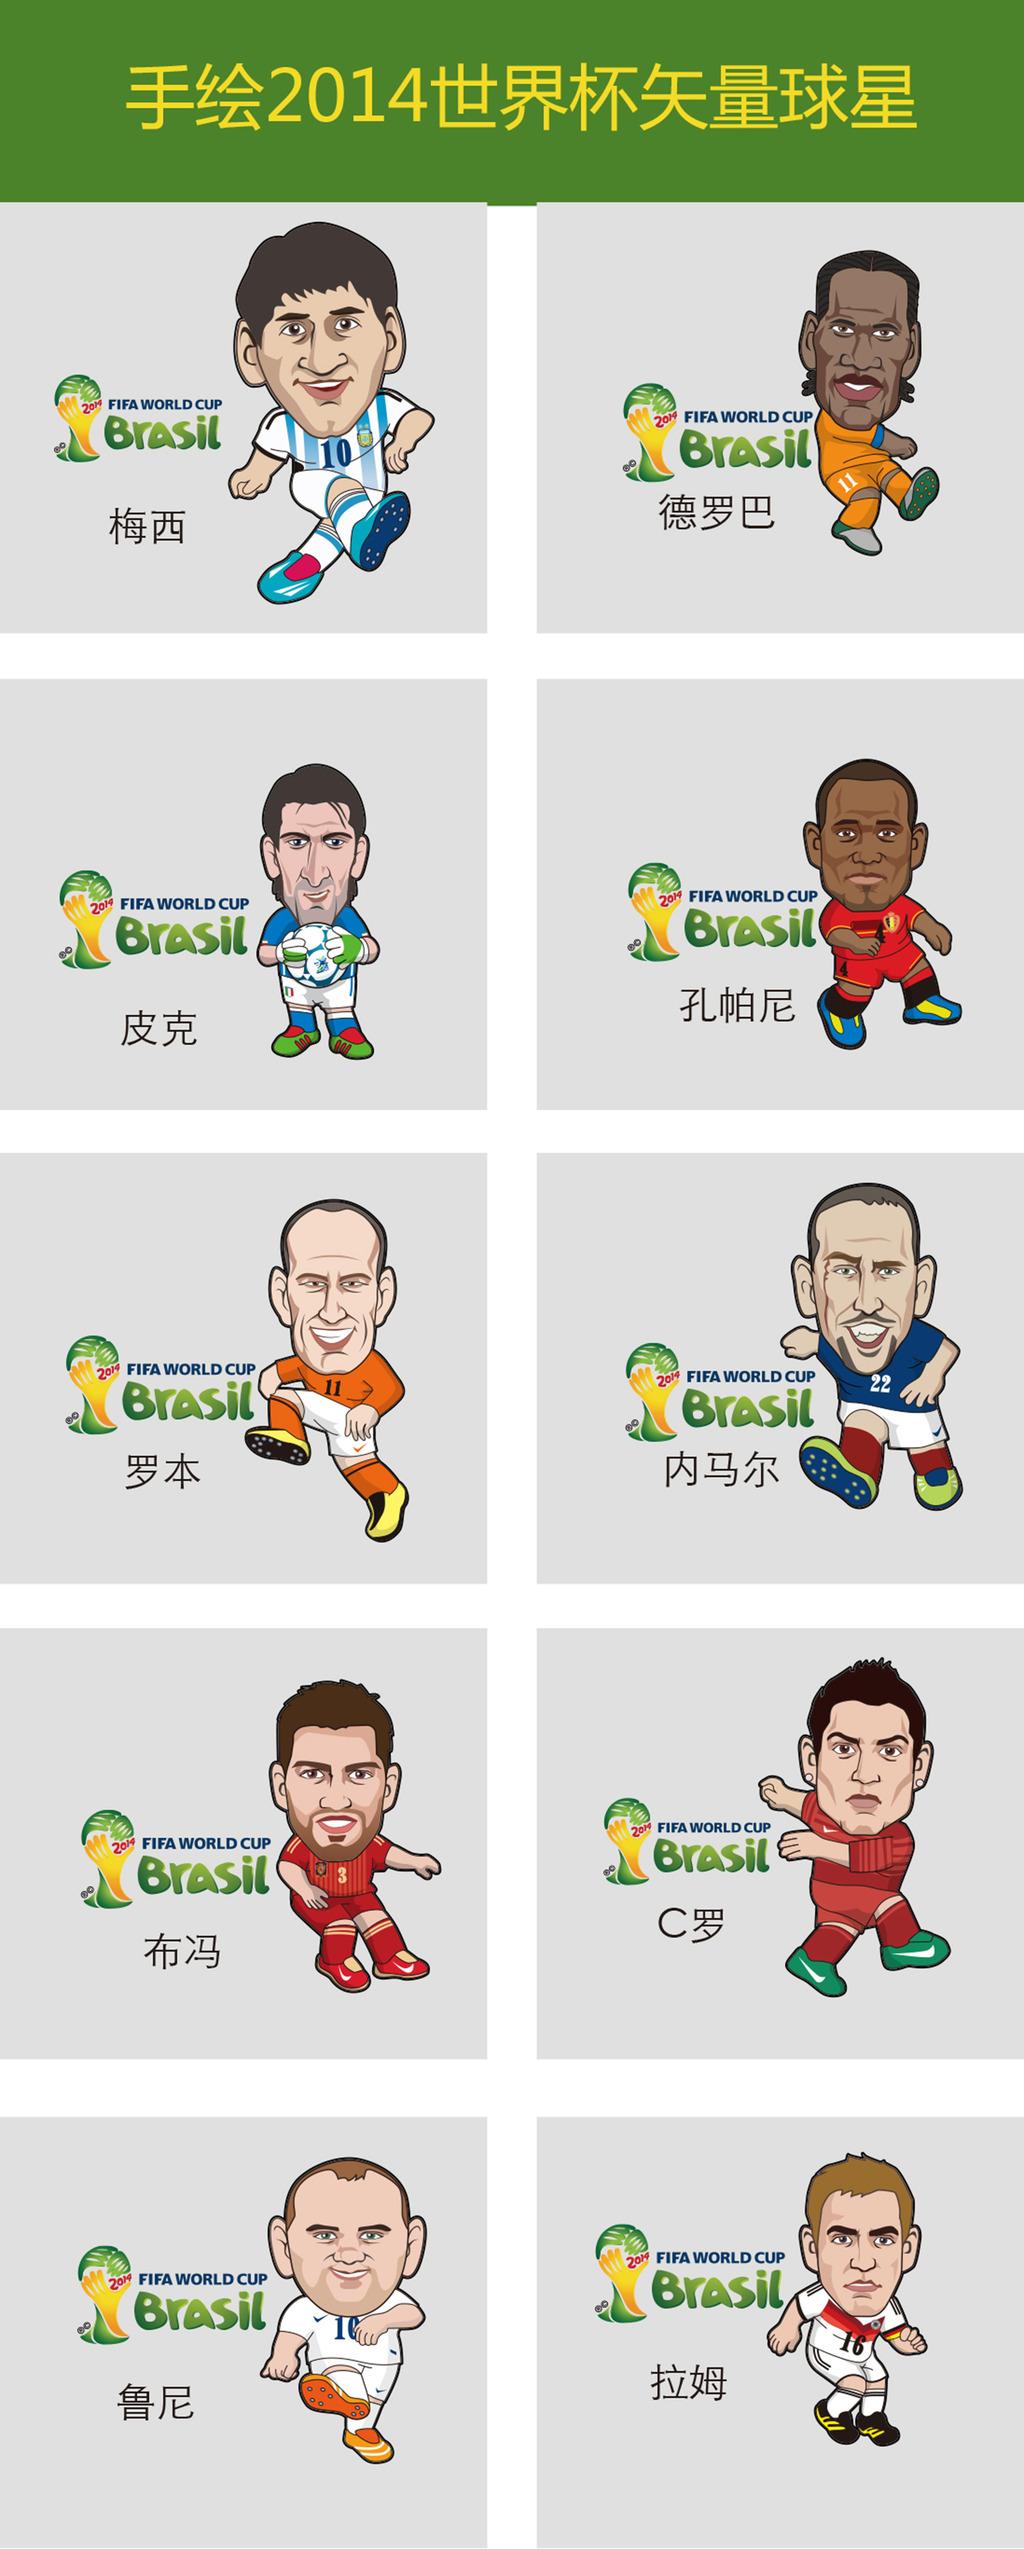 平面设计 海报设计 其他海报设计 > 手绘2014世界杯球星  下一张&nbsp